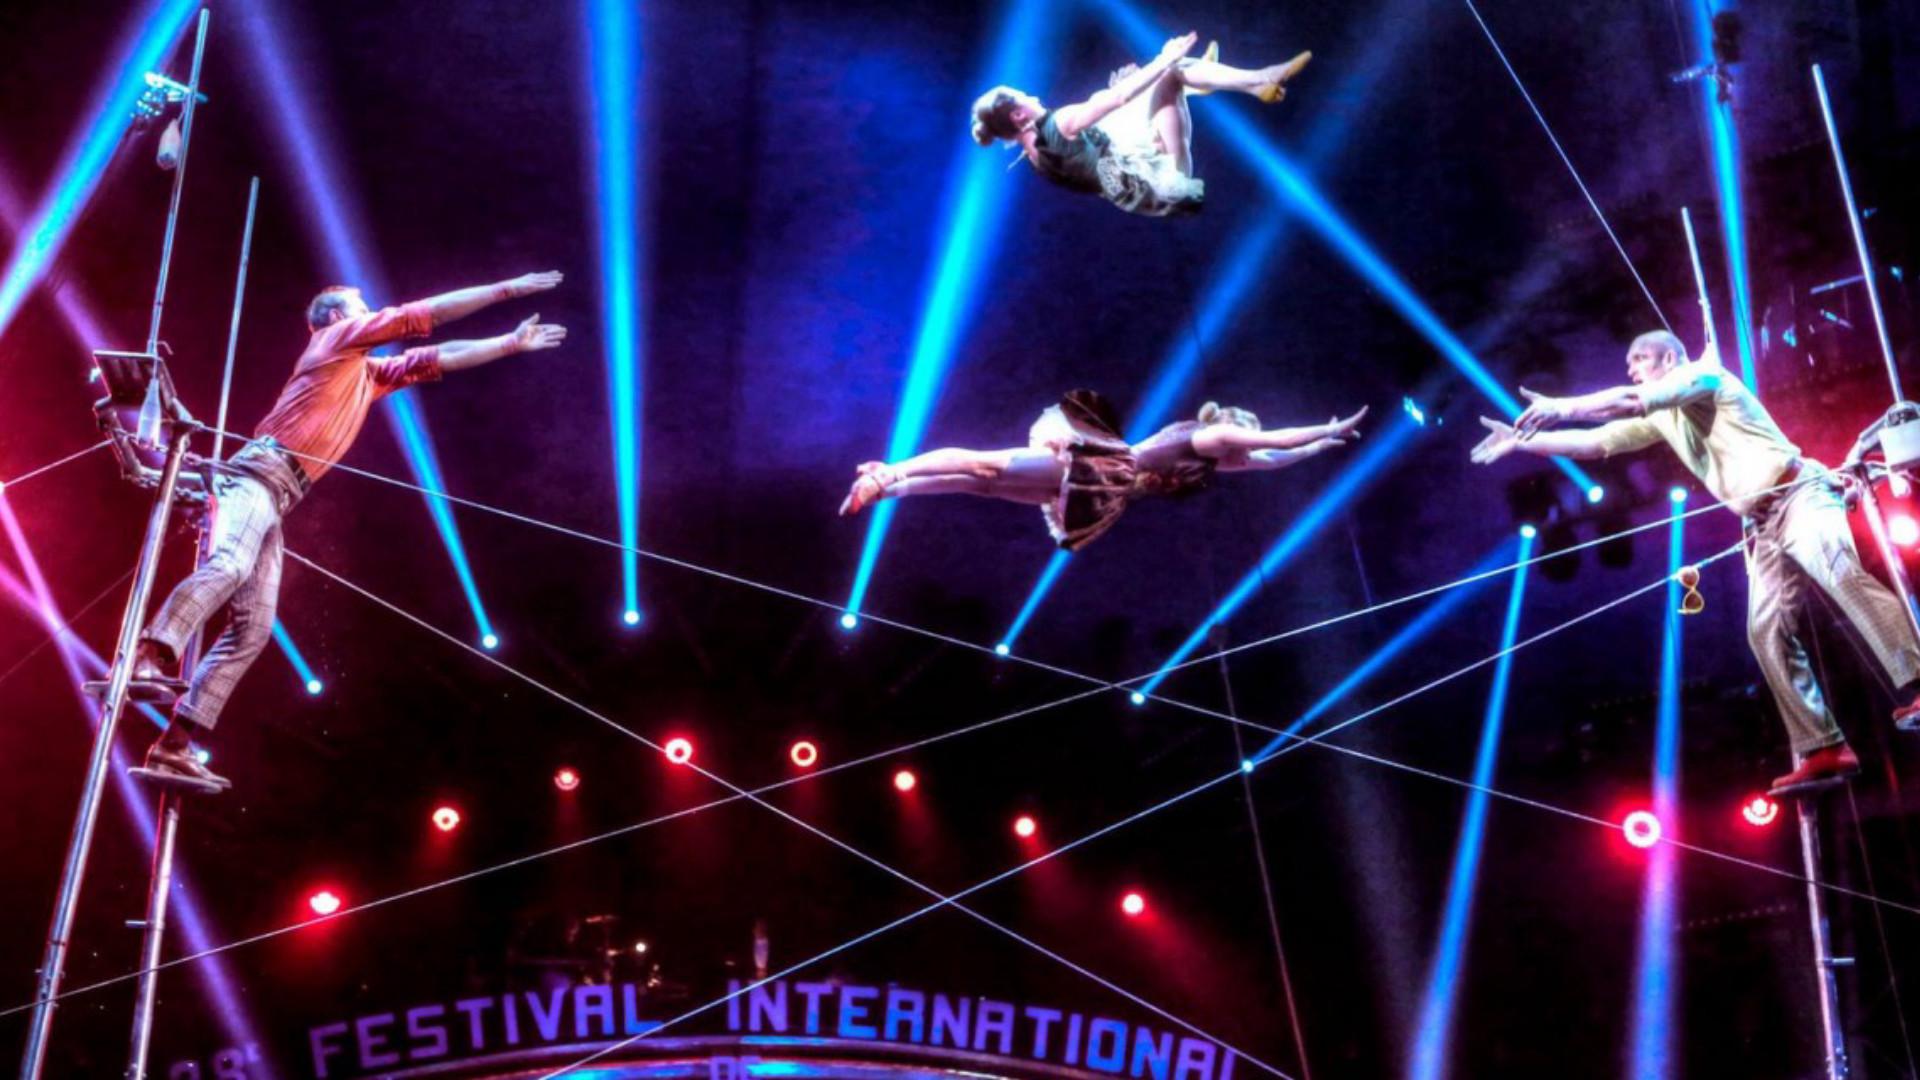 Salto Natale - Der Circus der anderen Art